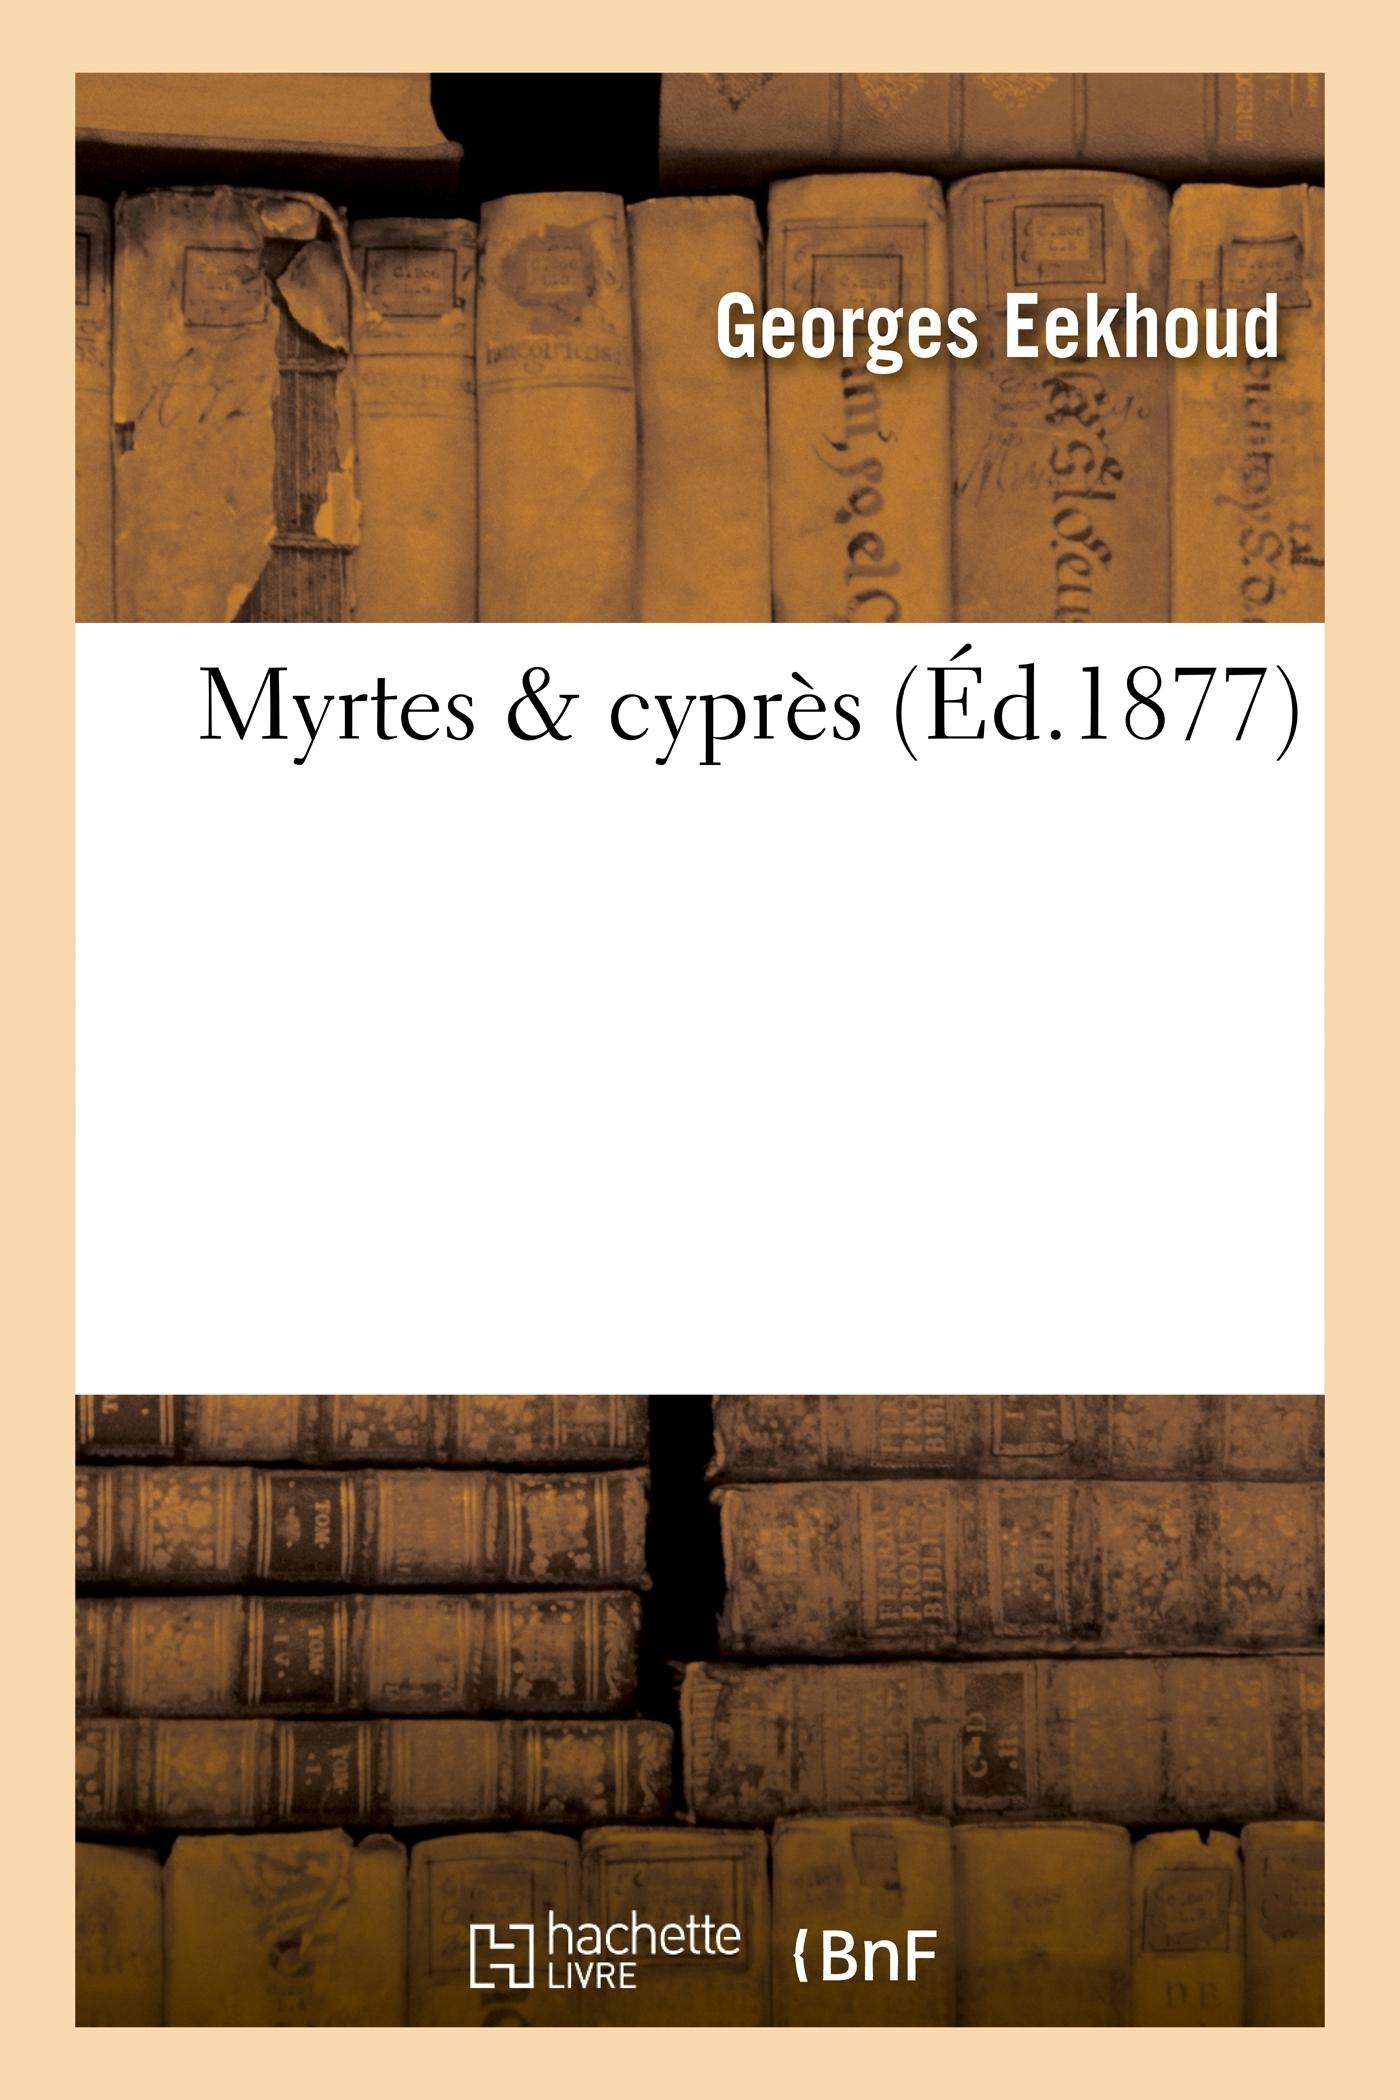 MYRTES & CYPRES